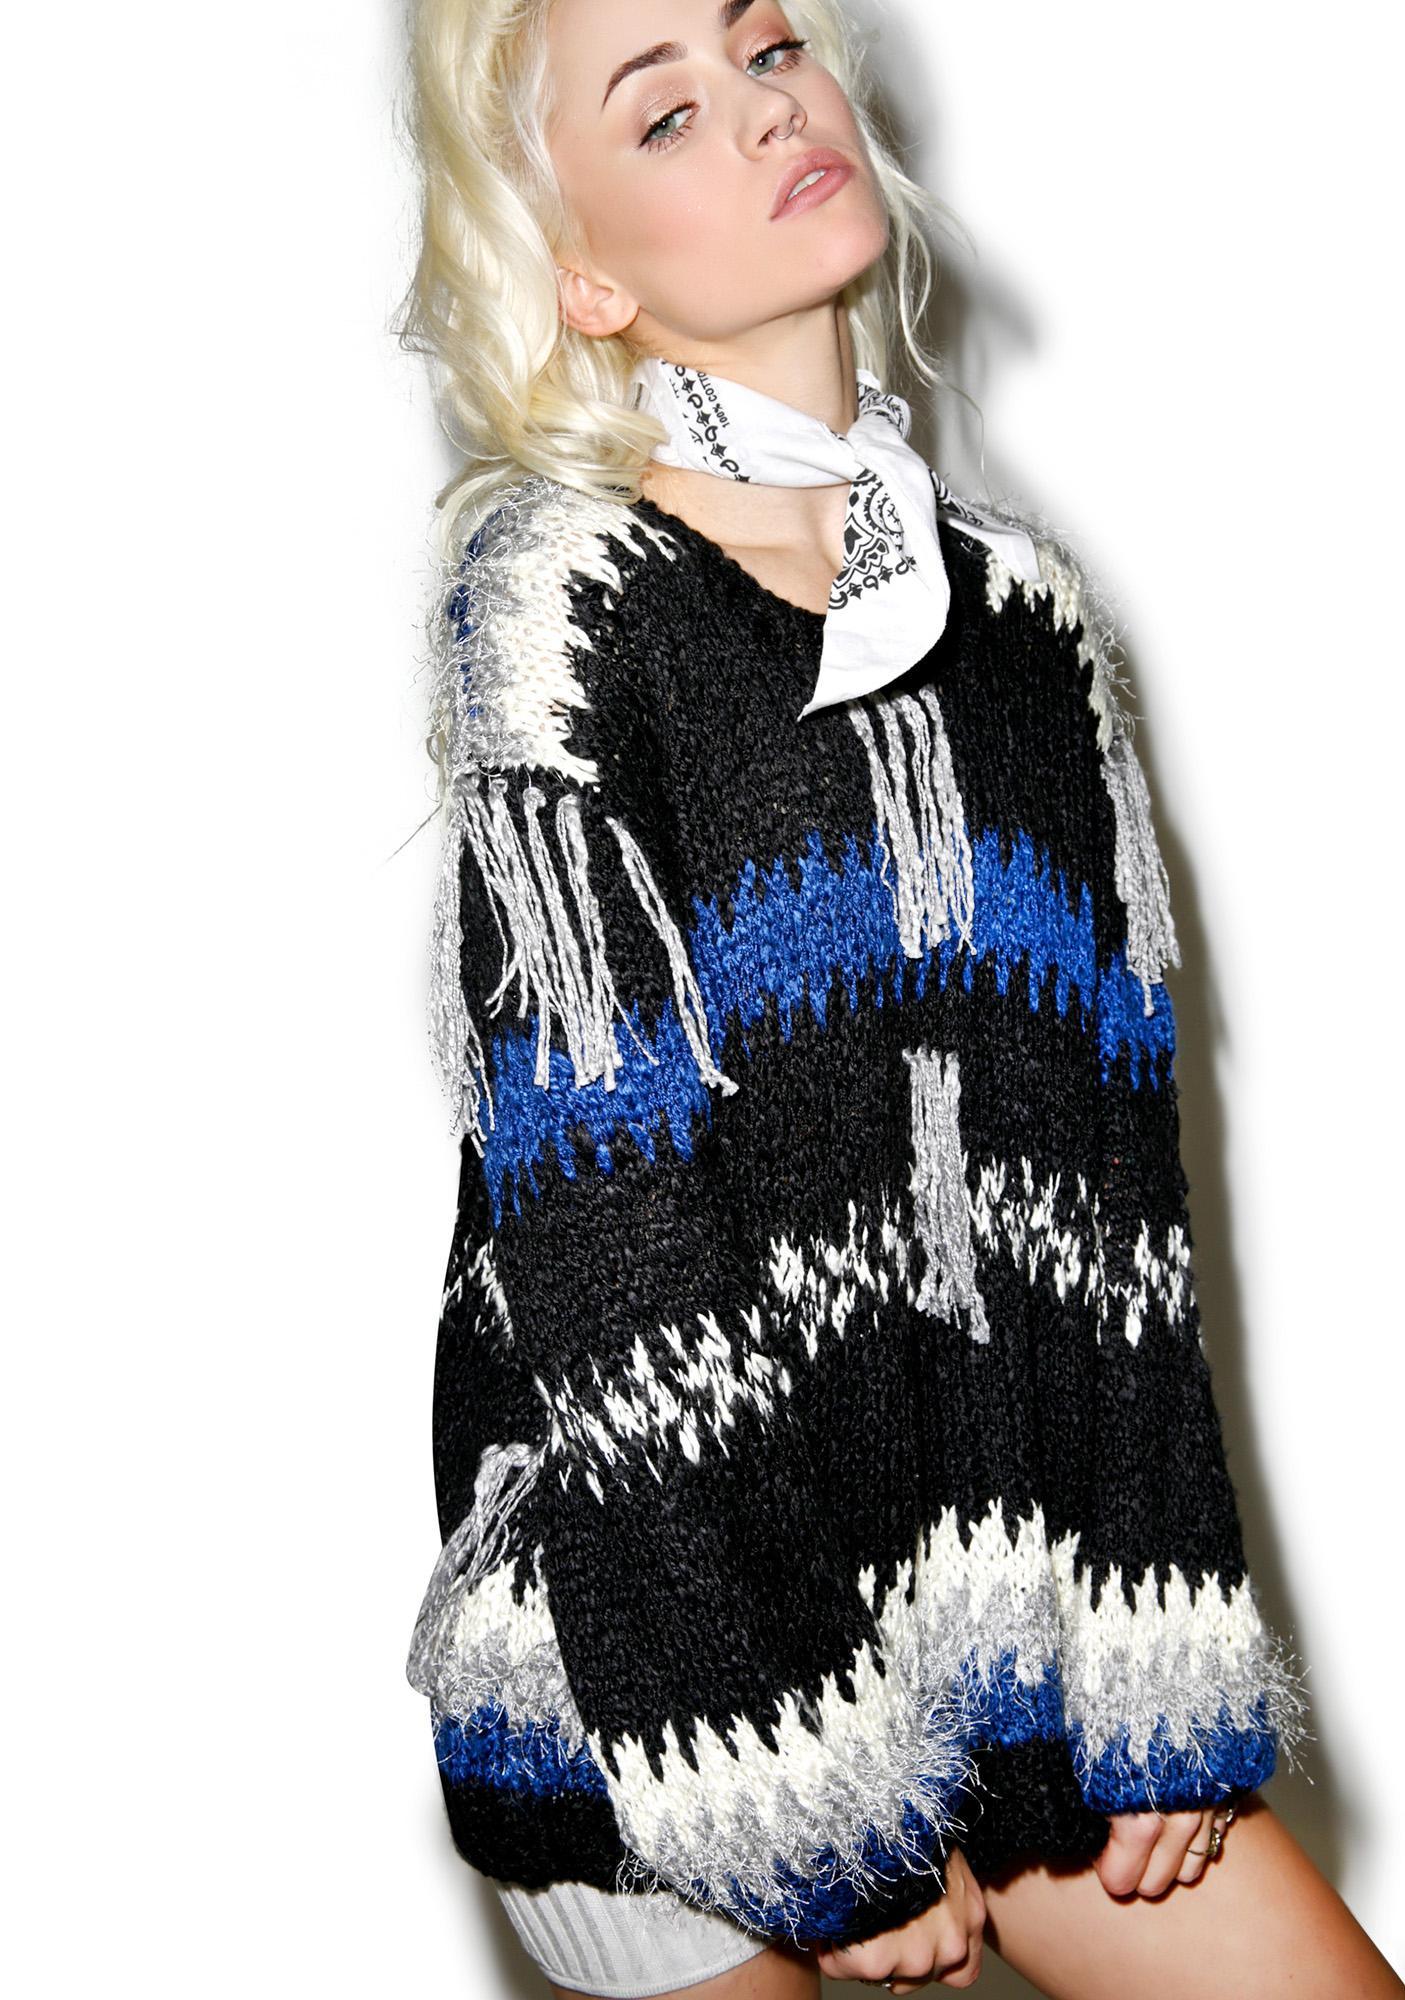 For Love & Lemons Black 'N Blue Crosby Fringe Sweater